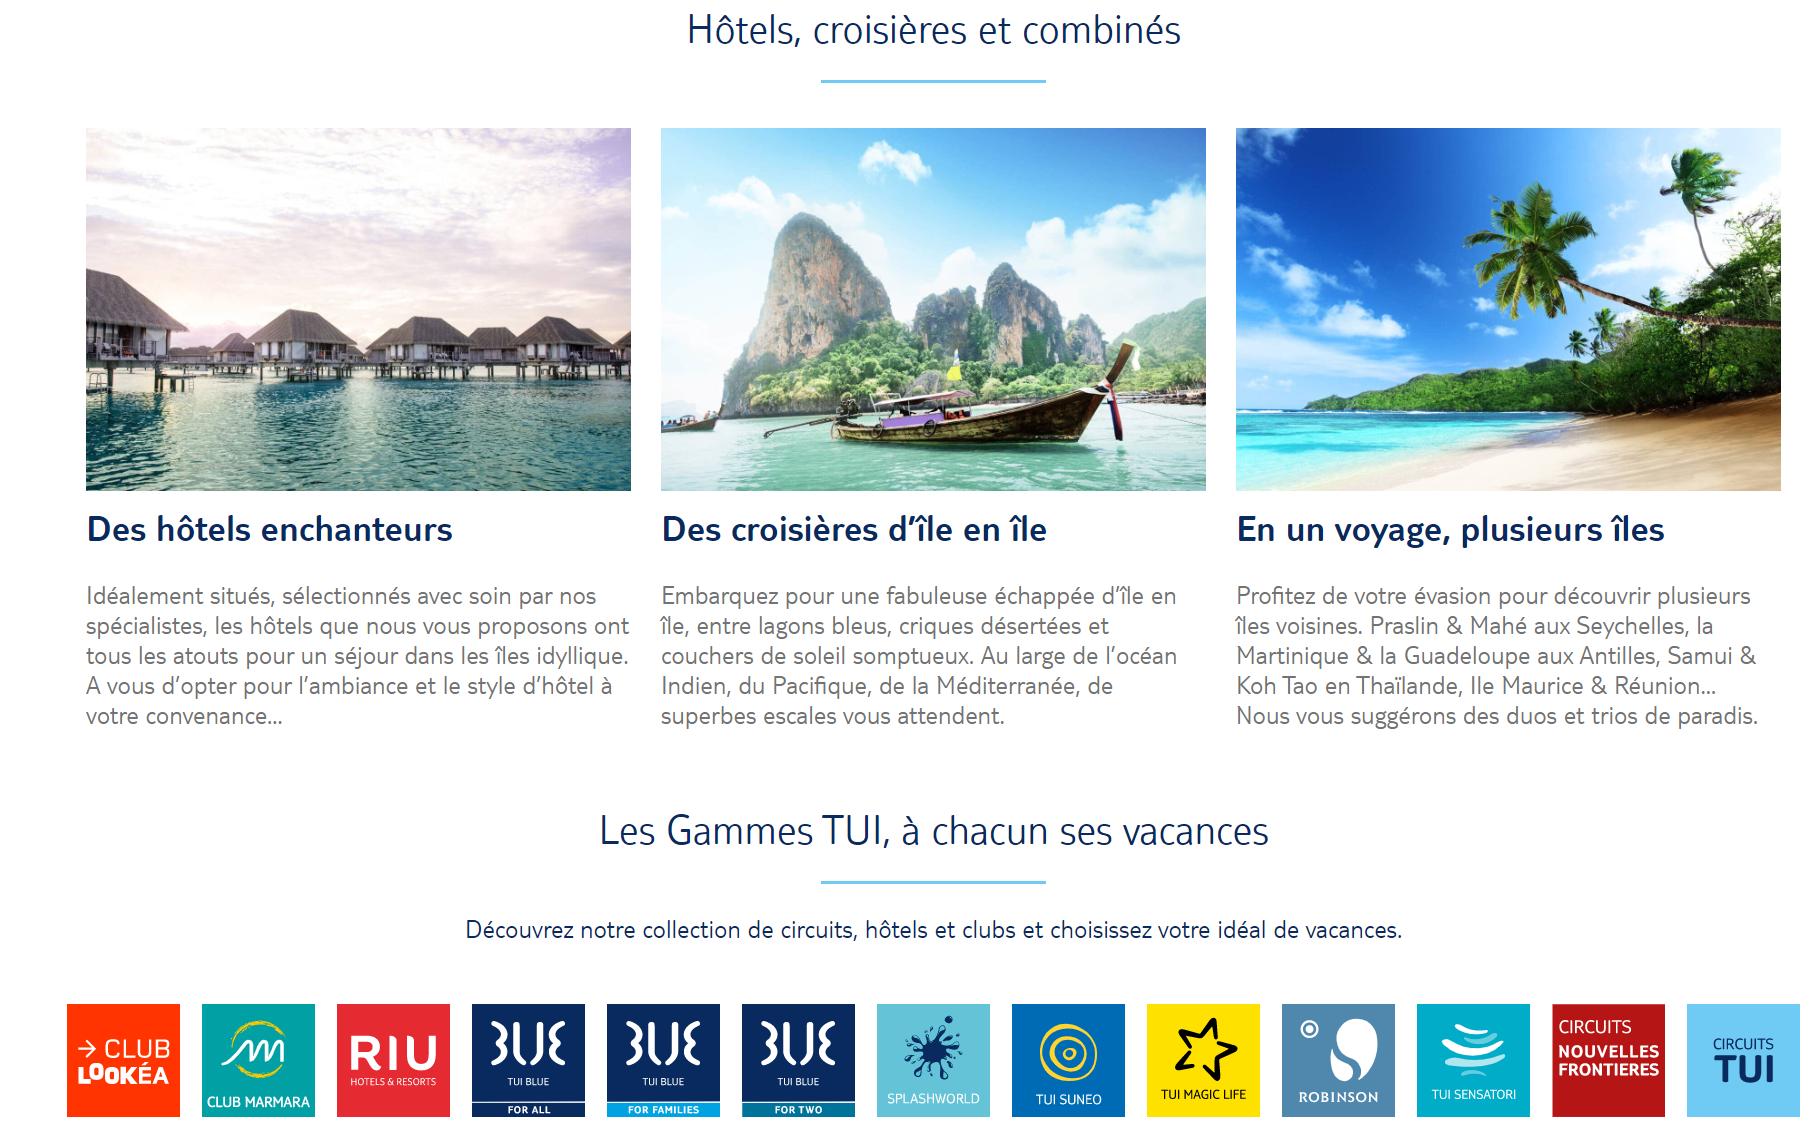 PSE de TUI France :  repreneurs potentiels pour Passion des Iles et les agences intégrées